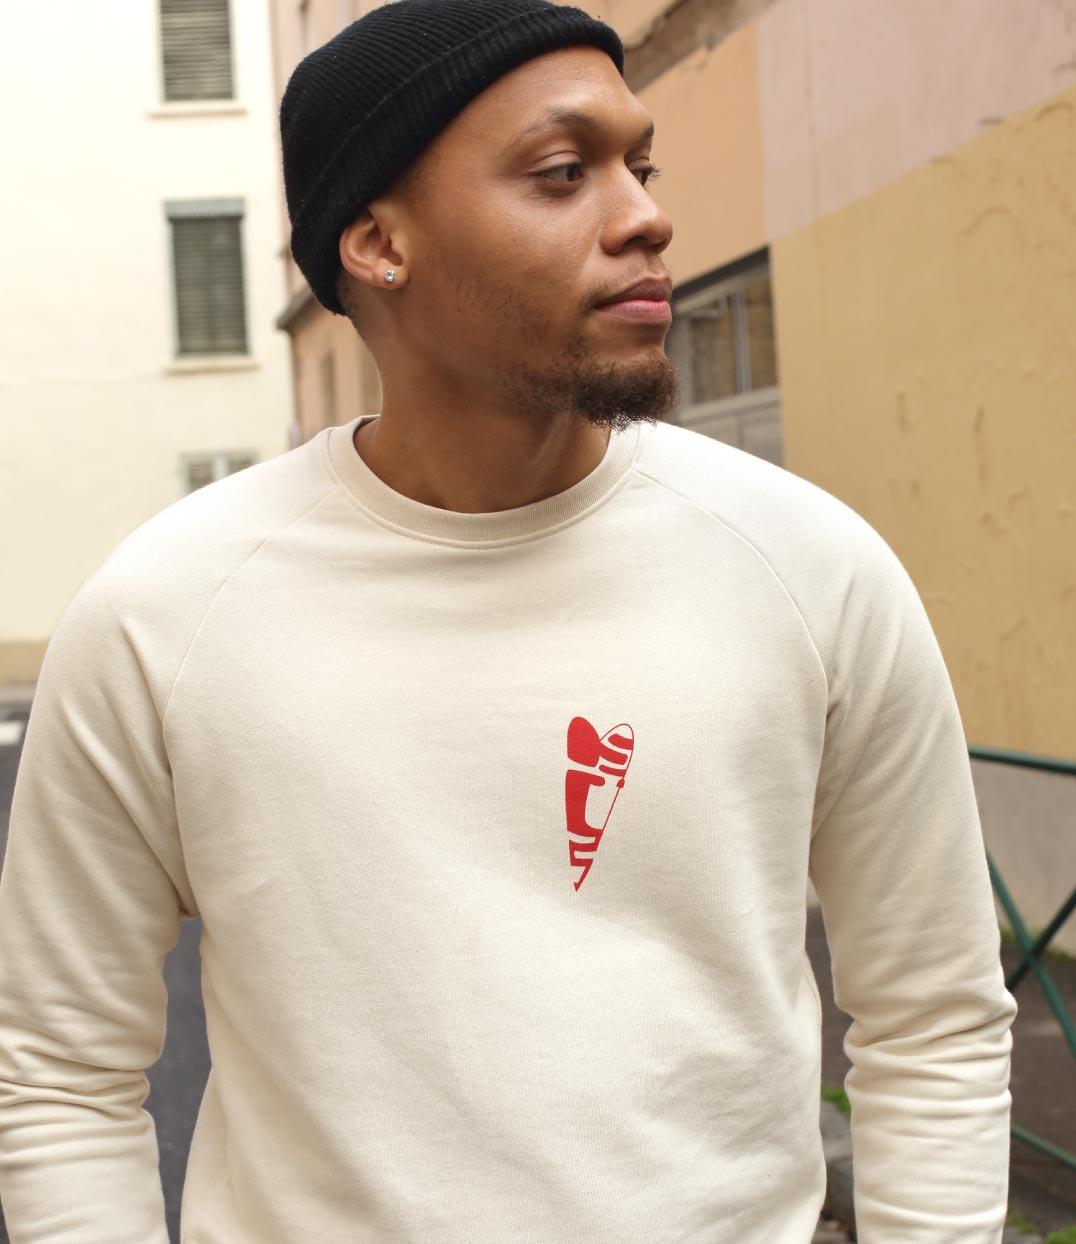 Un homme est dans la rue. Il porte le sweatshirt beige abracito coeur rouge leonor roversi